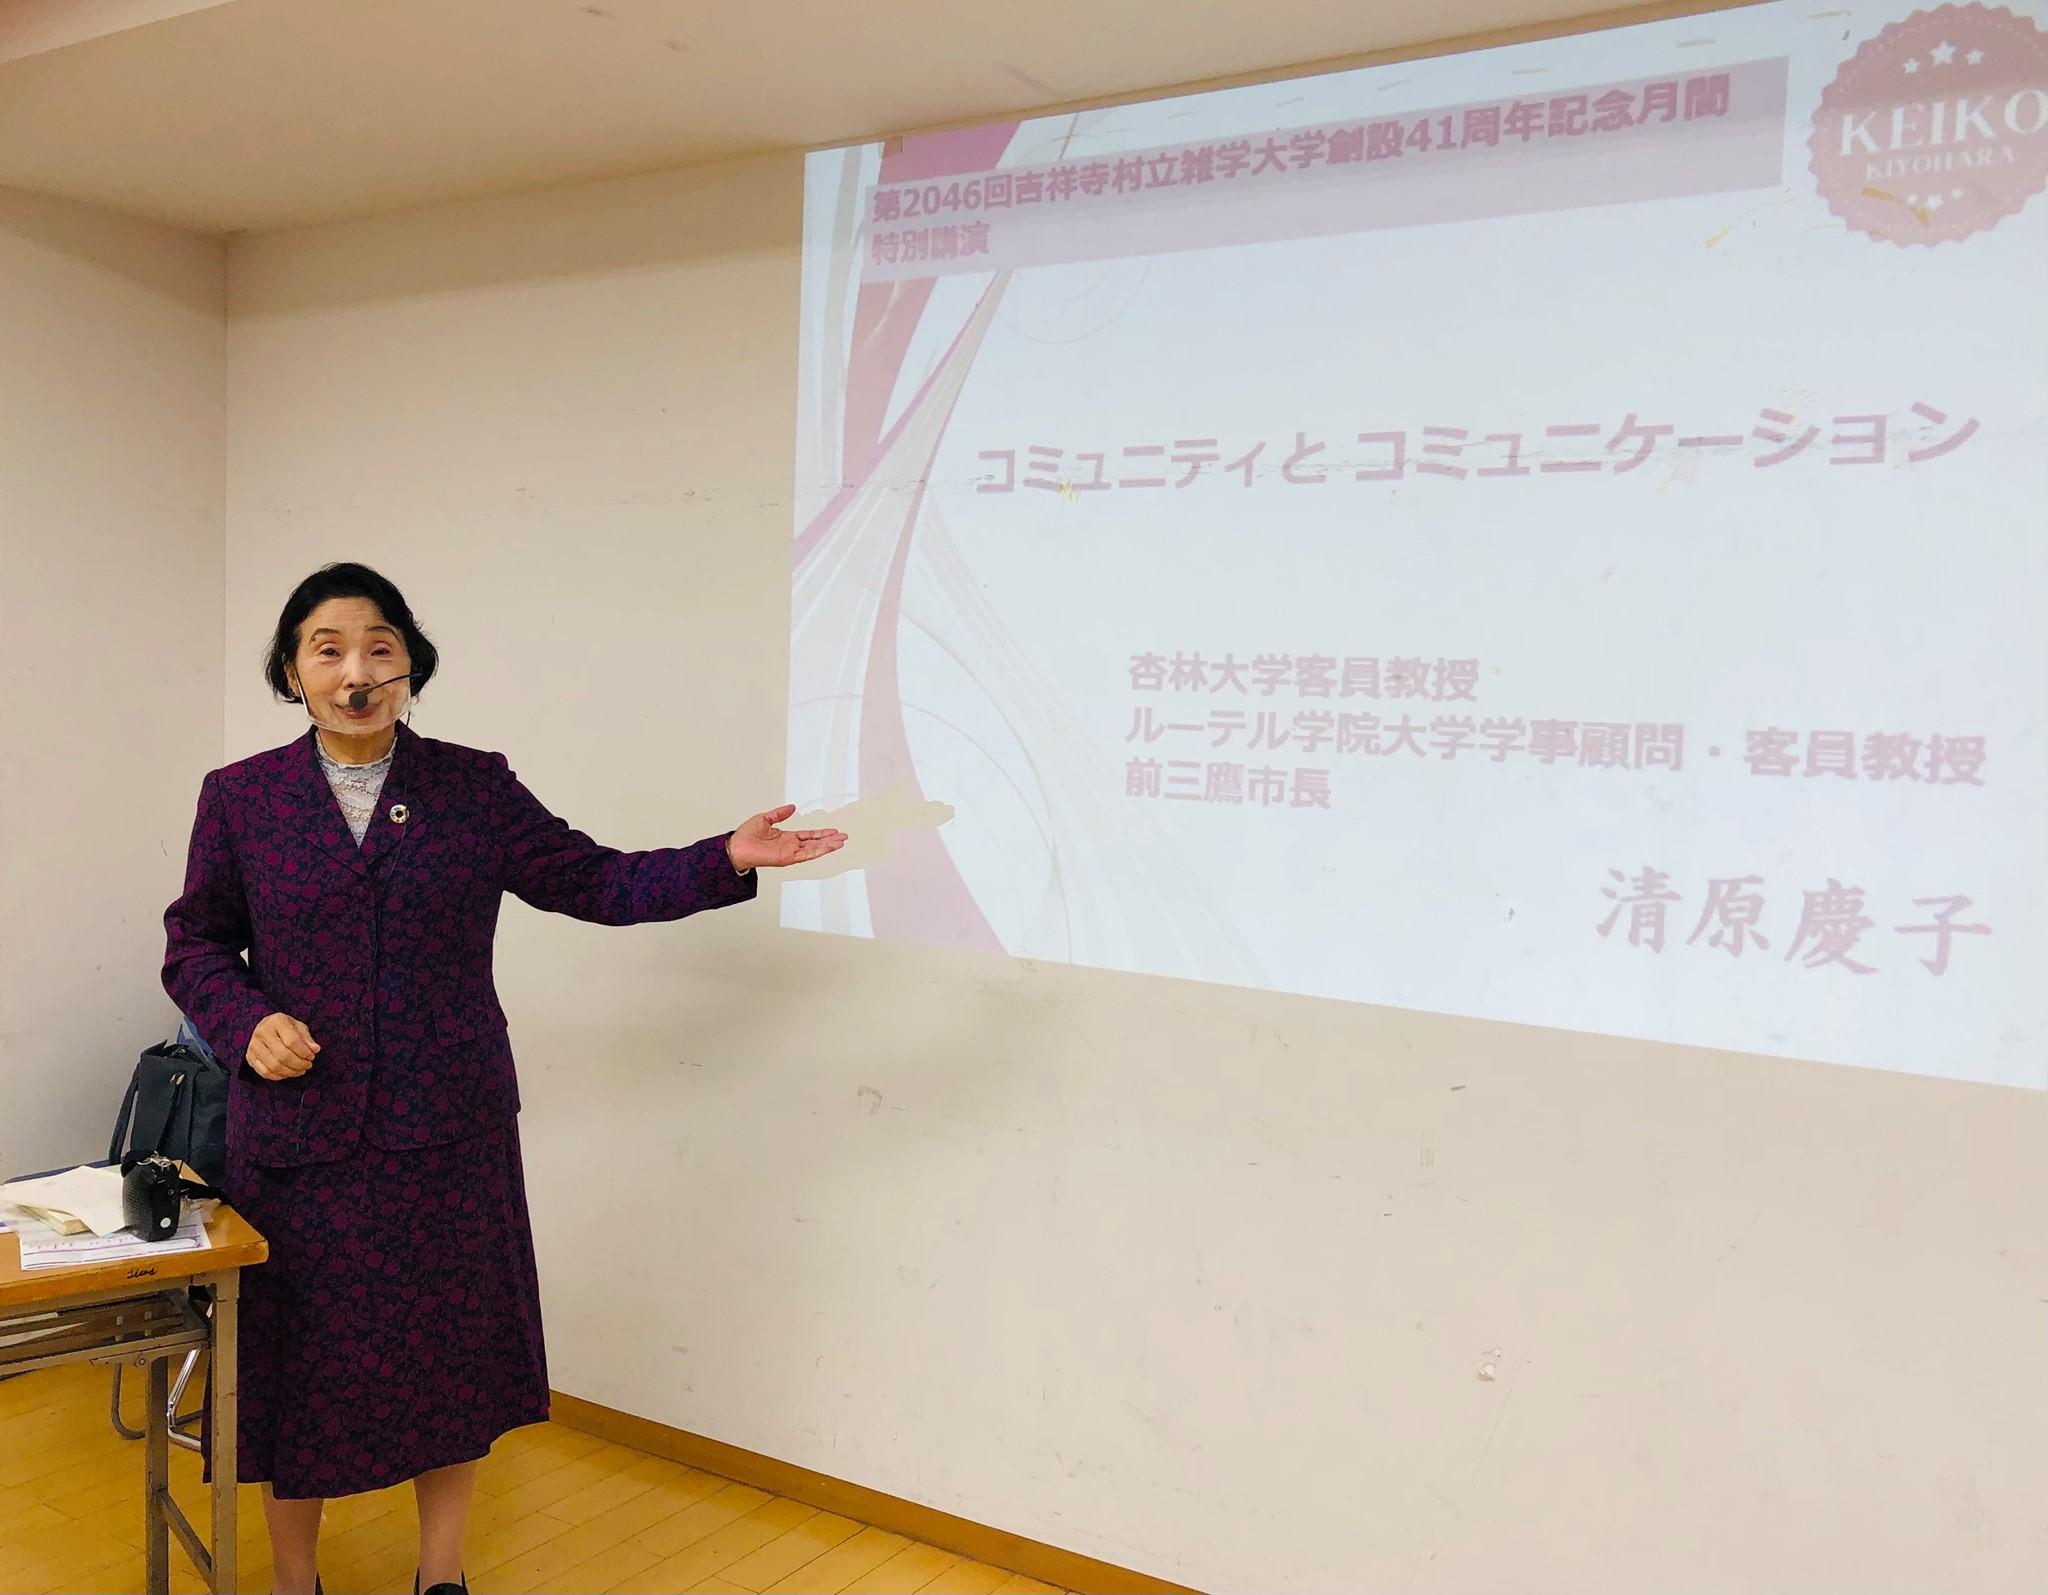 第2046回吉祥寺村立雑学大学創設41周年記念月間に講演をしました。